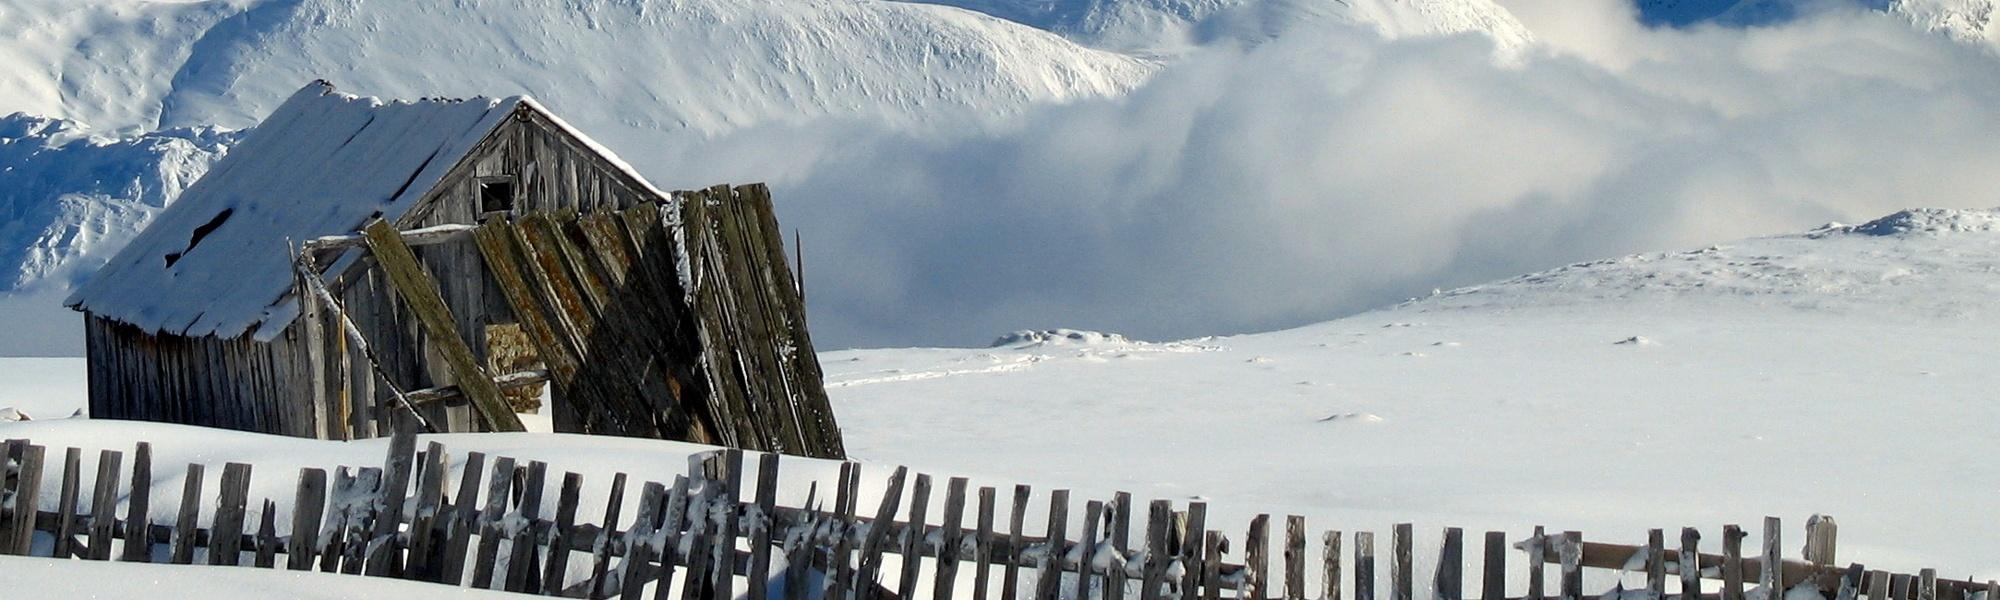 Cabanon en bois, au coeur du domaine skiable d'Aussois